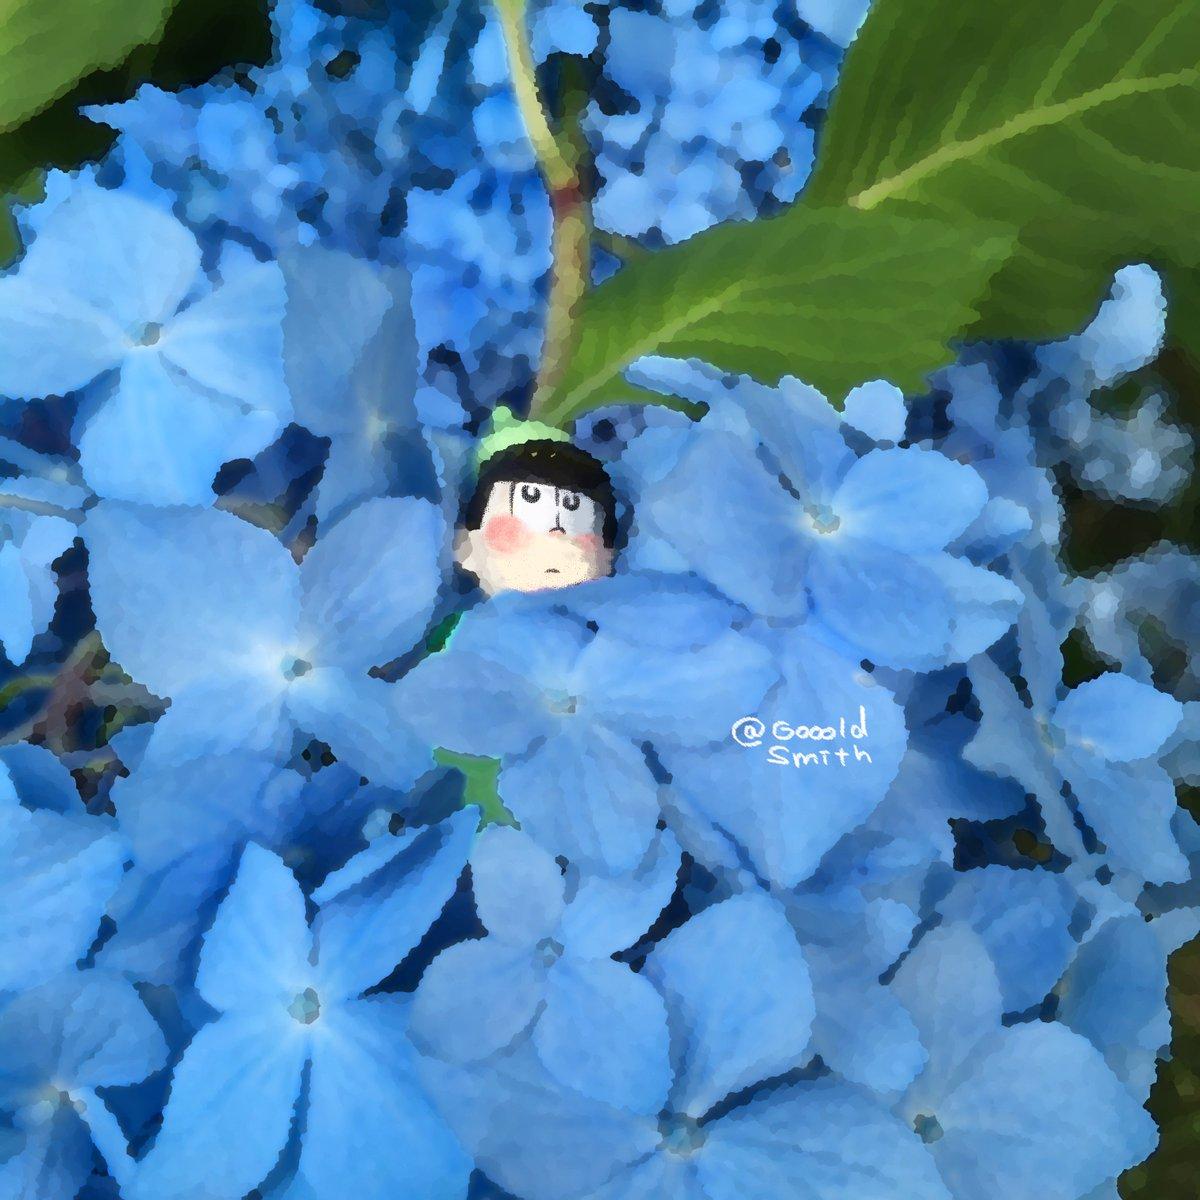 この季節、紫陽花をよく見ると十四松パンという妖精がいる場合がありますので、見つけたら捕まえず、そっとしておきましょう。#